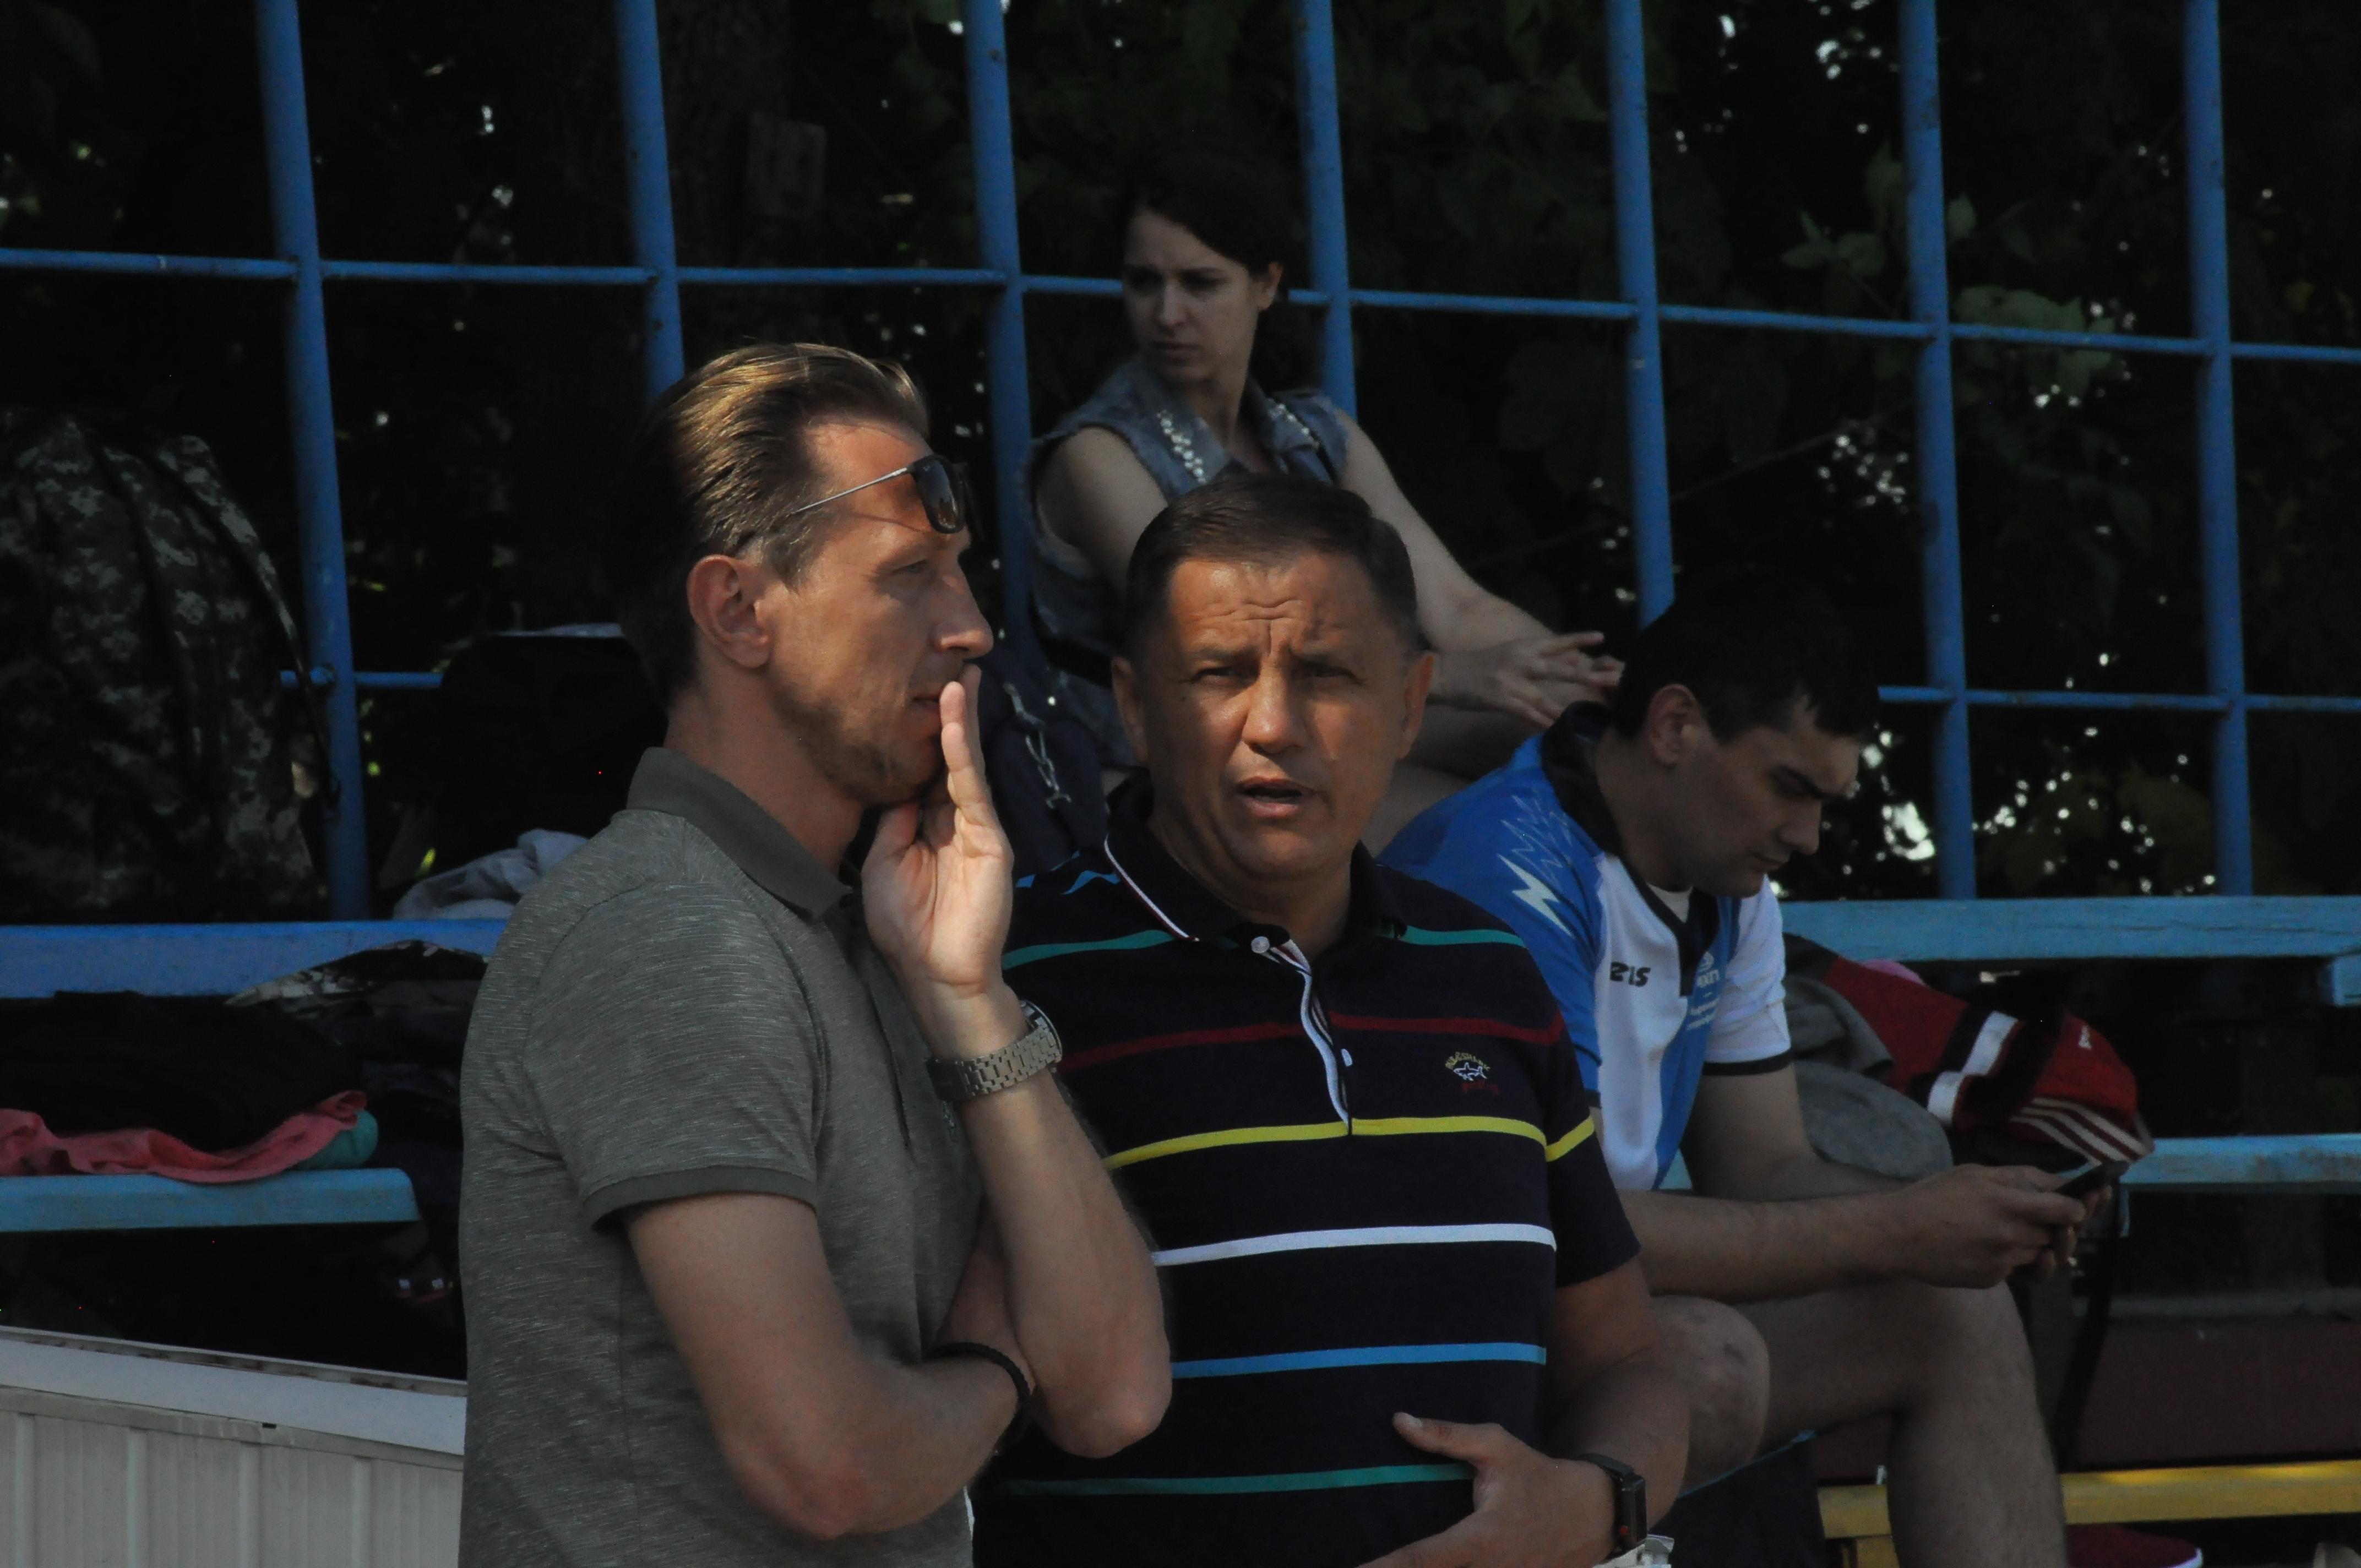 В Киеве в День защиты детей стартовал футбольный турнир - изображение 3